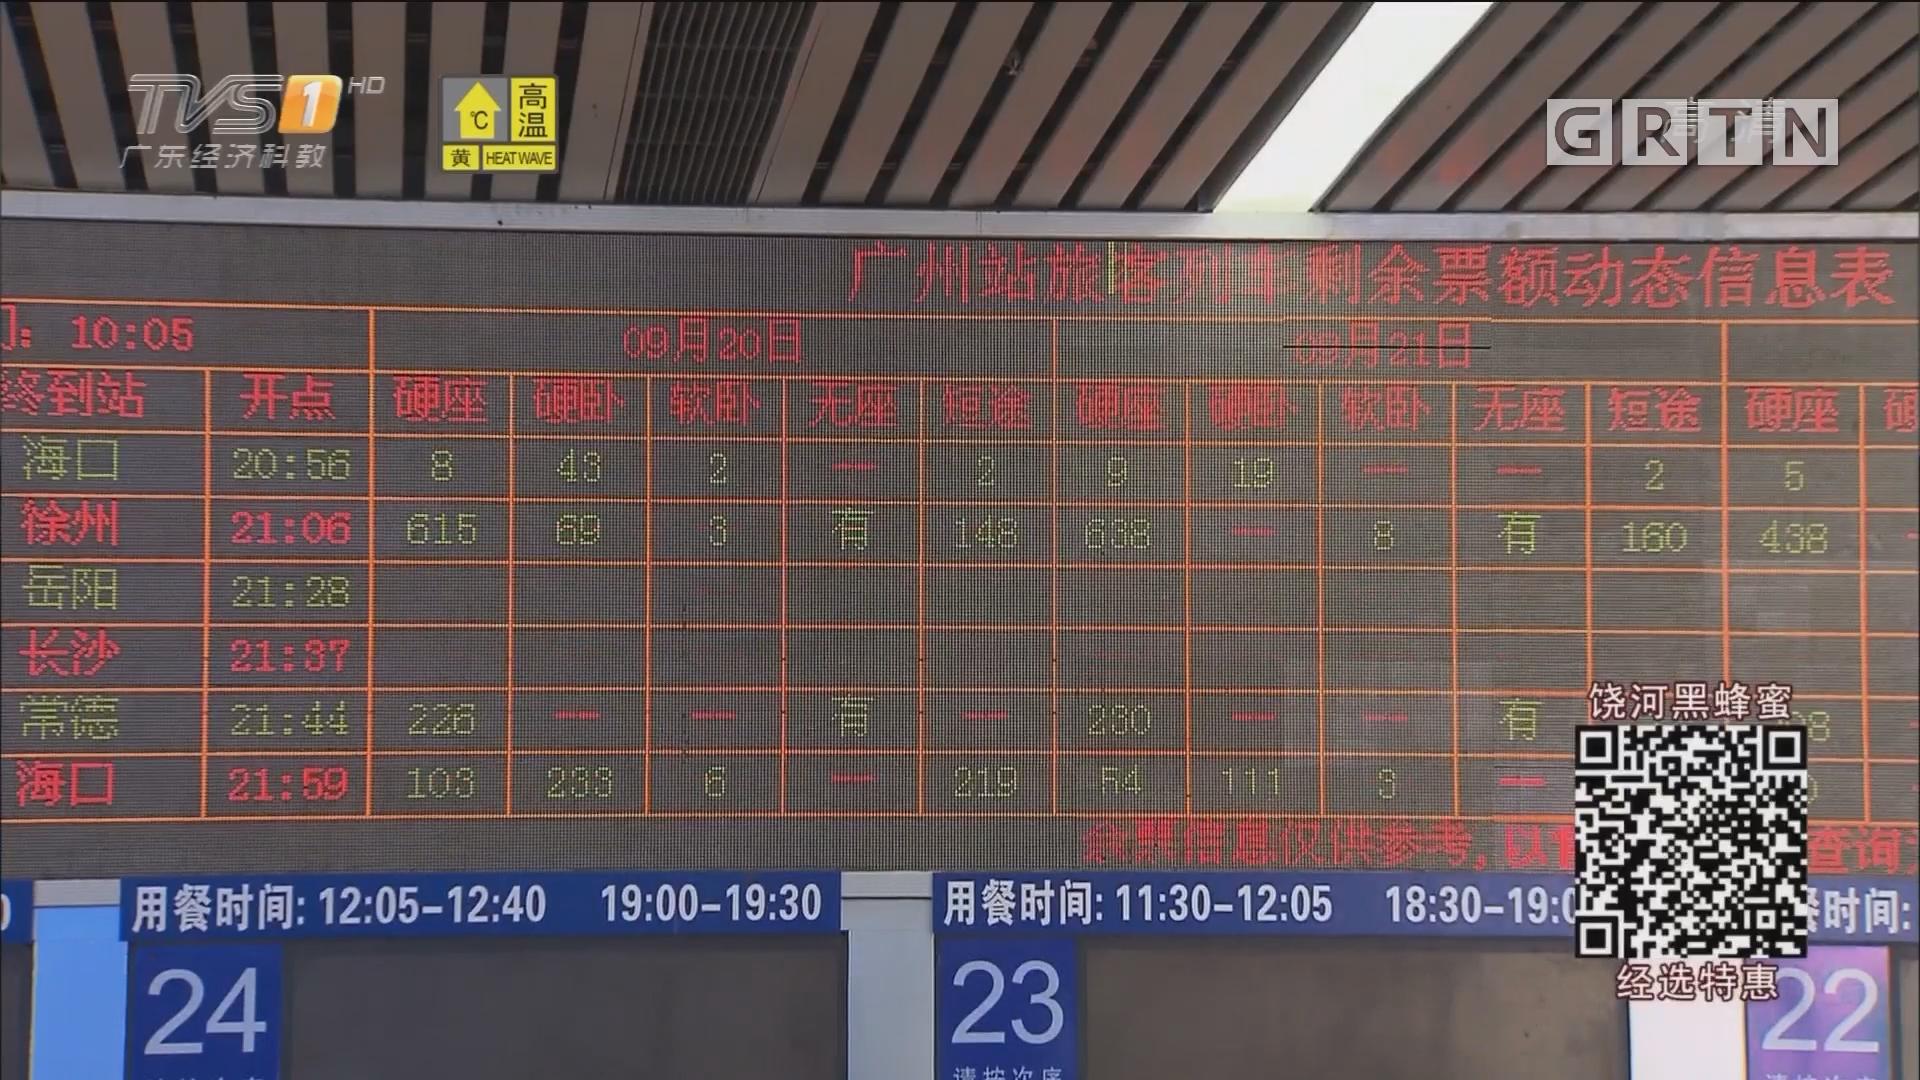 双节来临广州加开临时列车 你抢到票了吗?